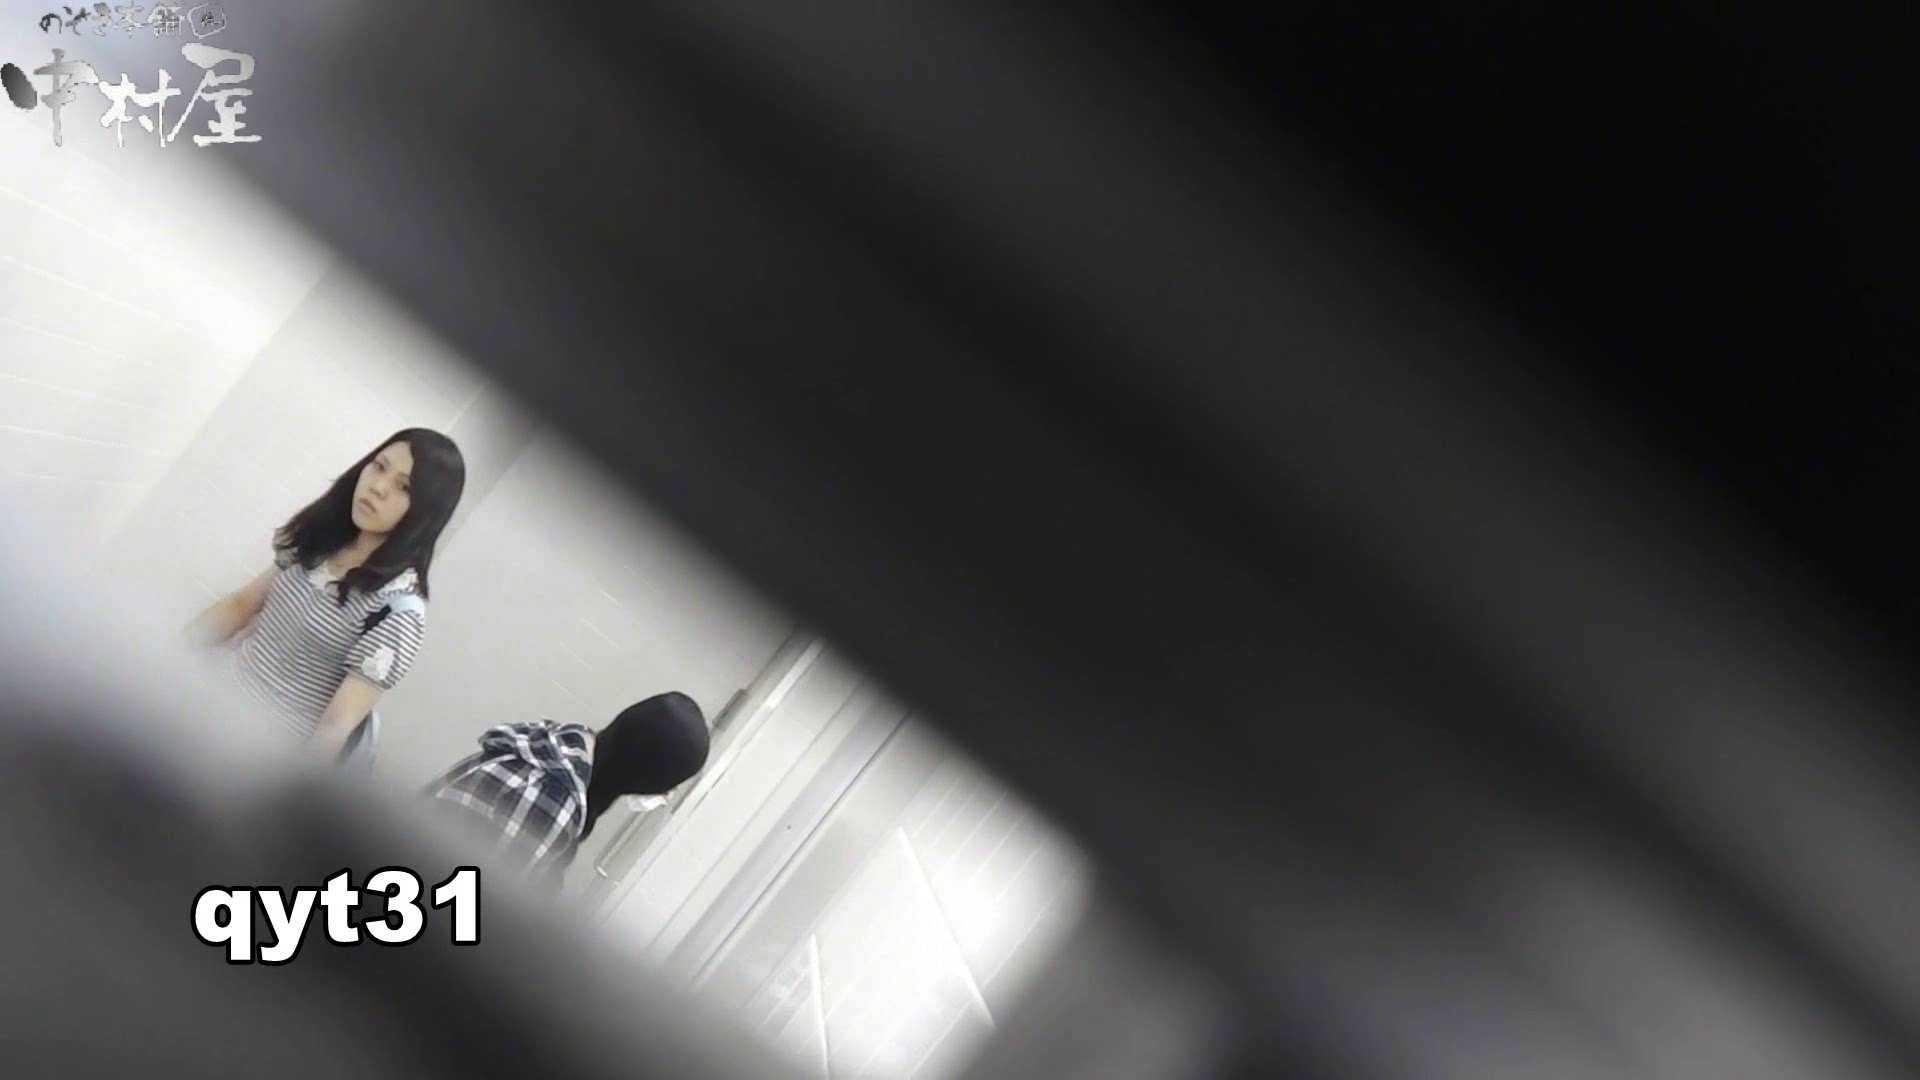 【お銀さんの「洗面所突入レポート!!」】お銀さんの「洗面所突入レポート!!」 vol.31 Σ(||゚Д゚)ヒィ~!! 洗面所  71枚 38